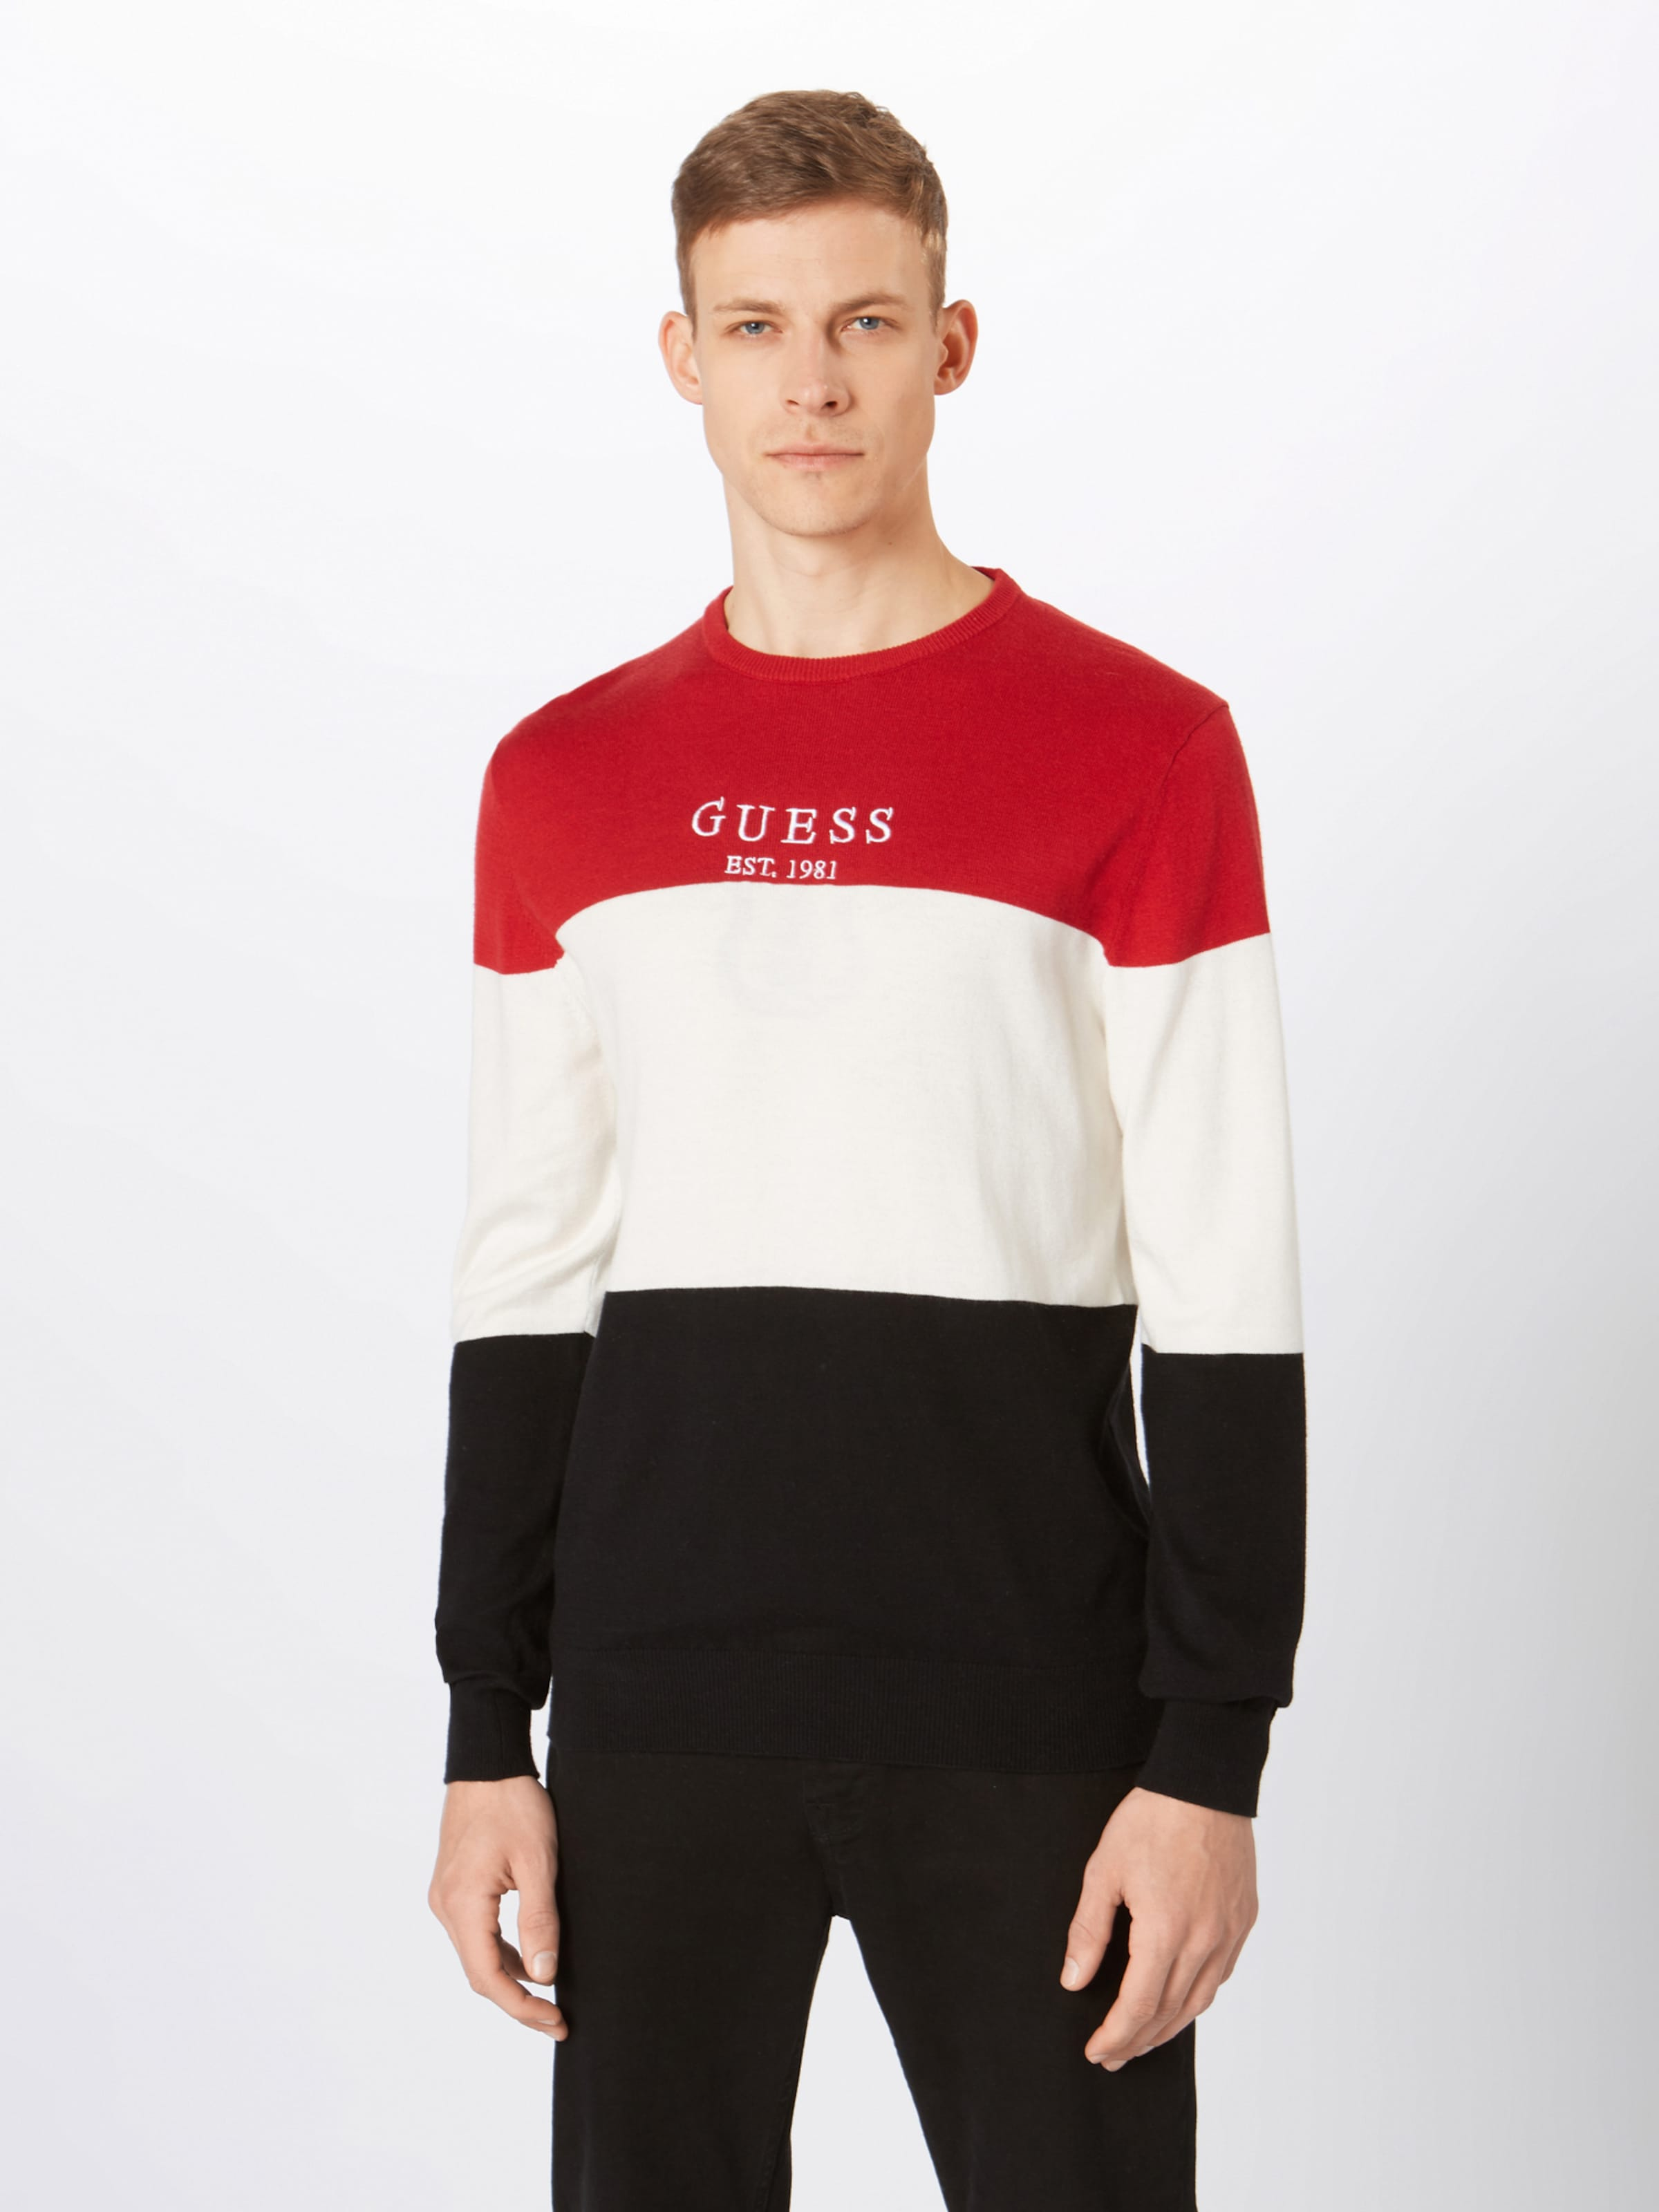 Guess DunkelblauRot In Weiß Guess Shirt HWEIYDbe29